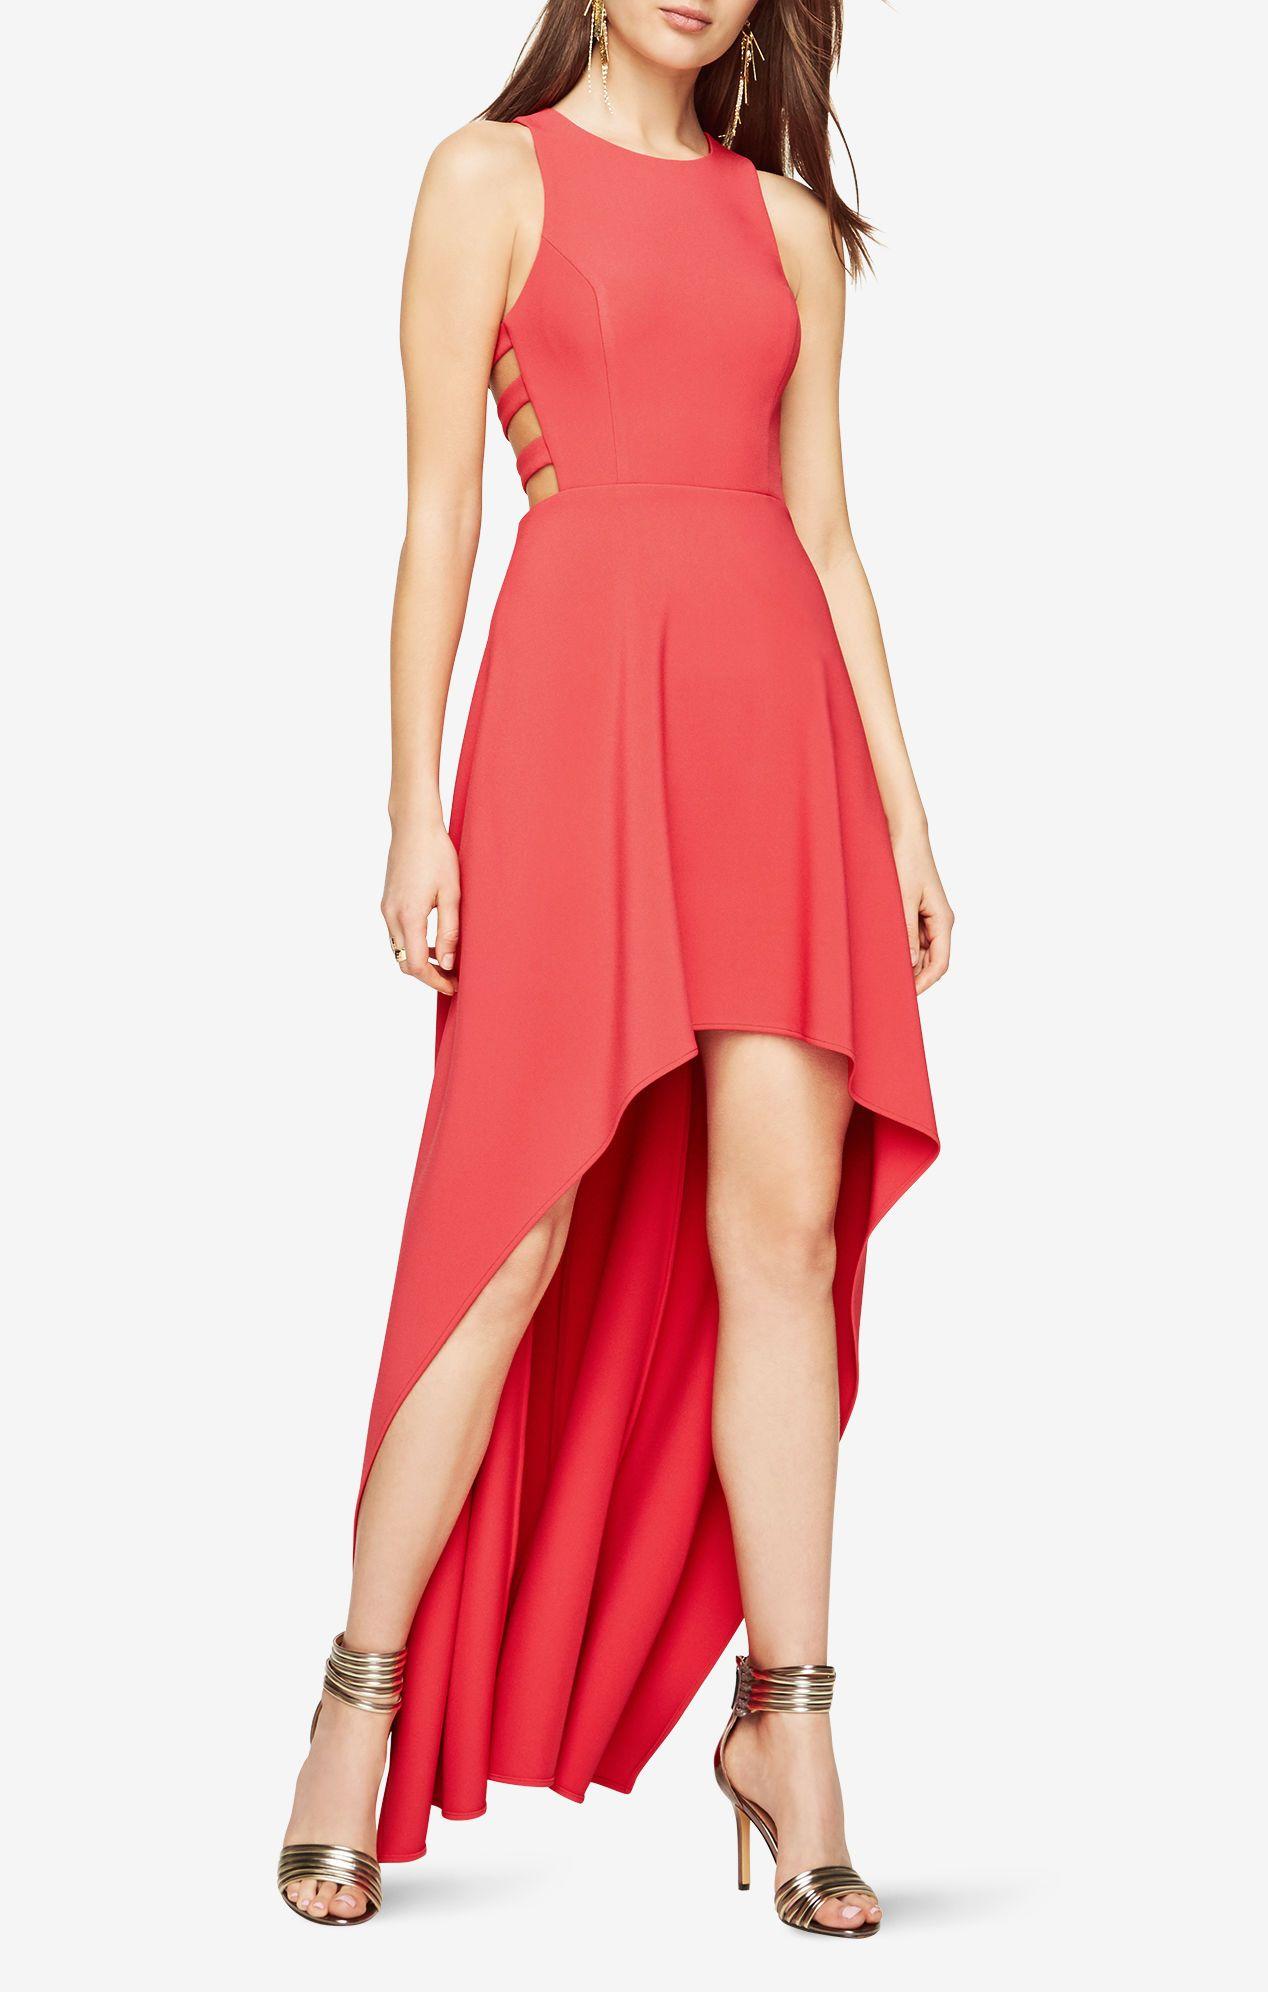 Rosalyn Cutout High-Low Dress #BCBG $338 | FASHIONista! | Pinterest